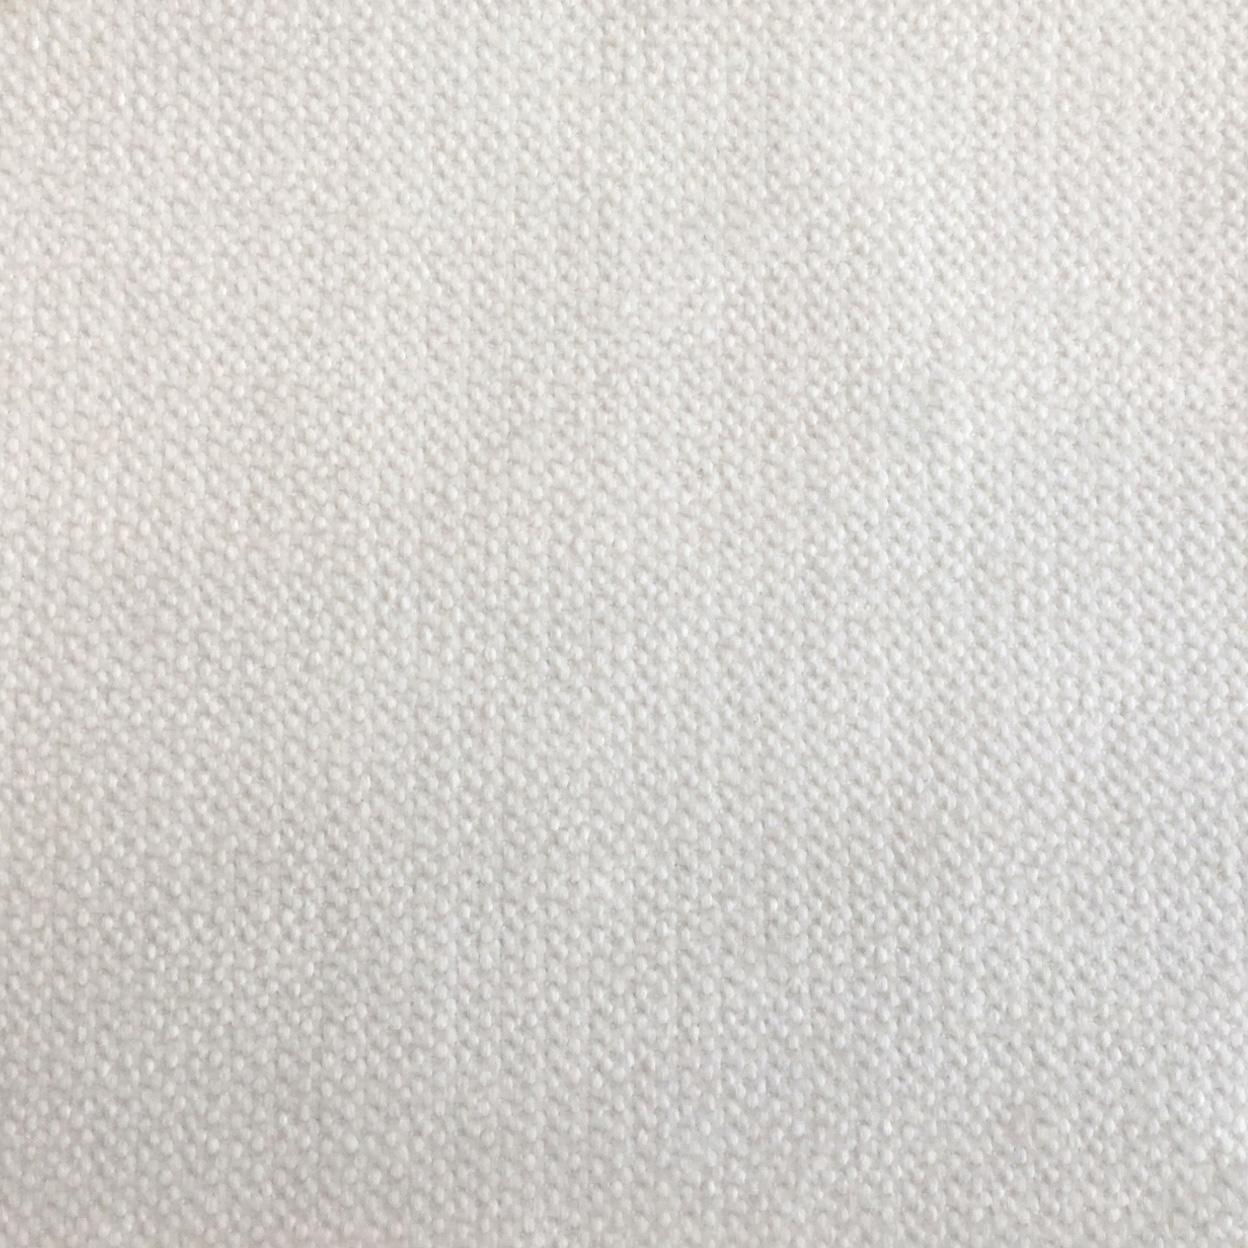 3 Divine White